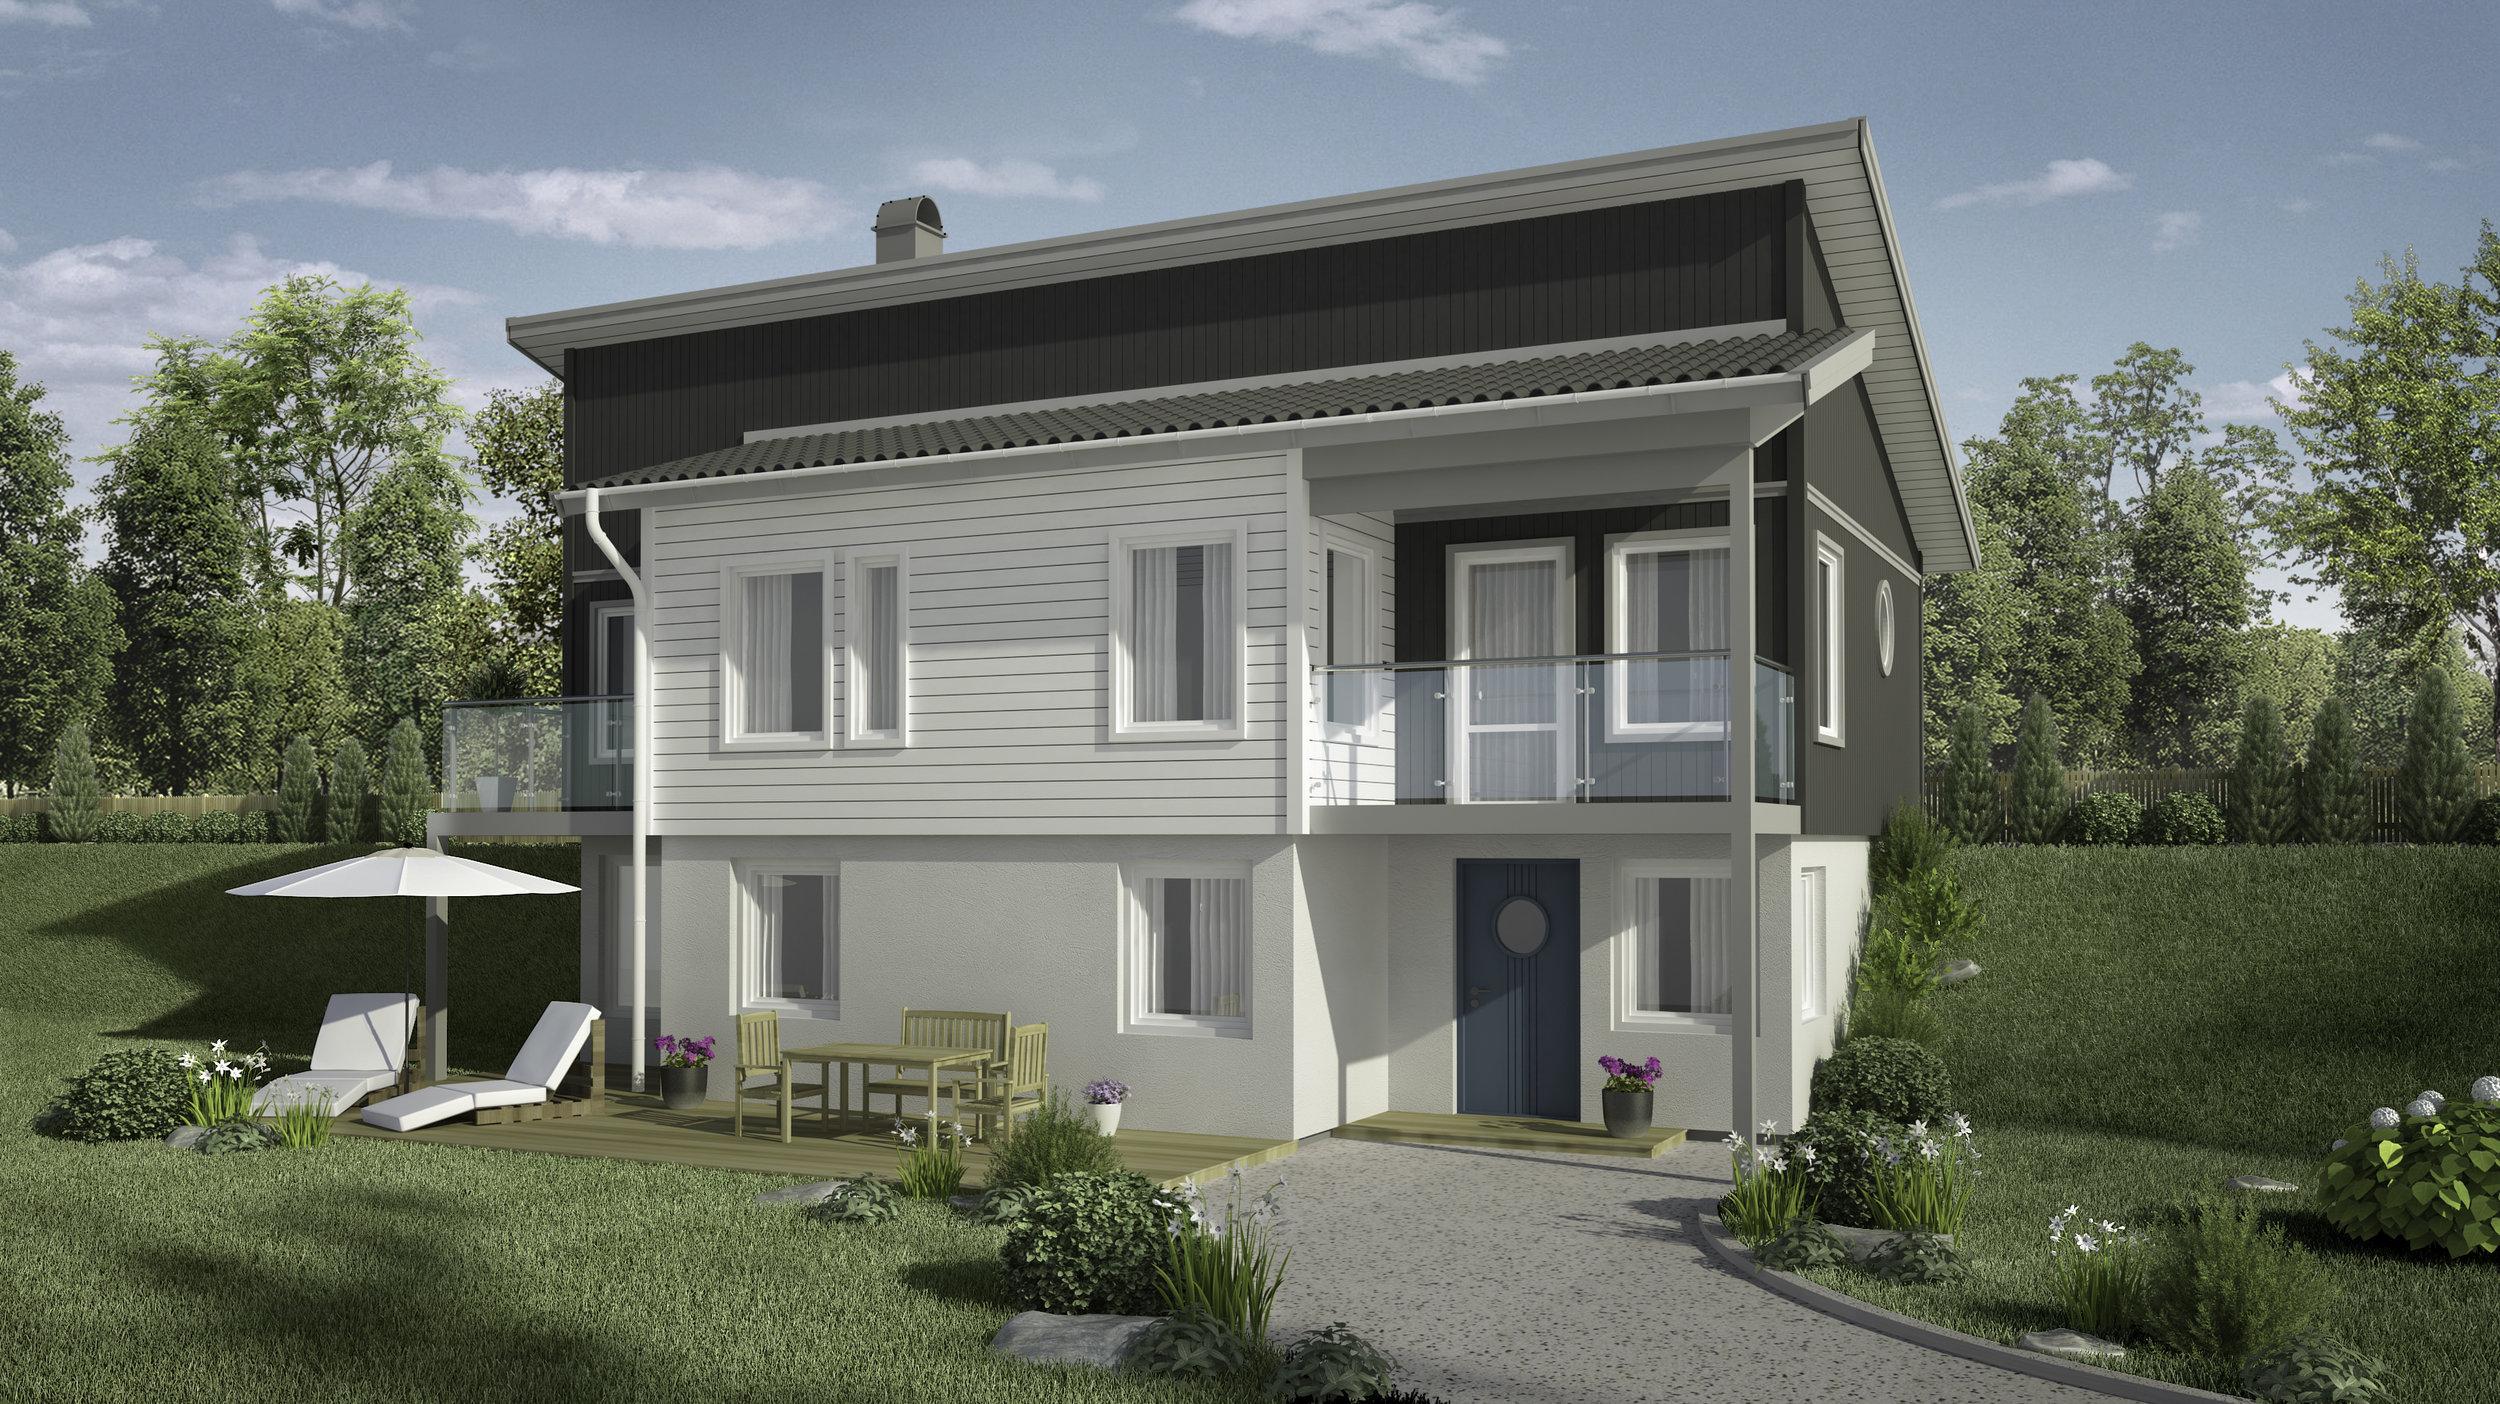 VILLA HÖKÅSEN  Suterränghus Boyta: 173,3 m2 5 sovrum